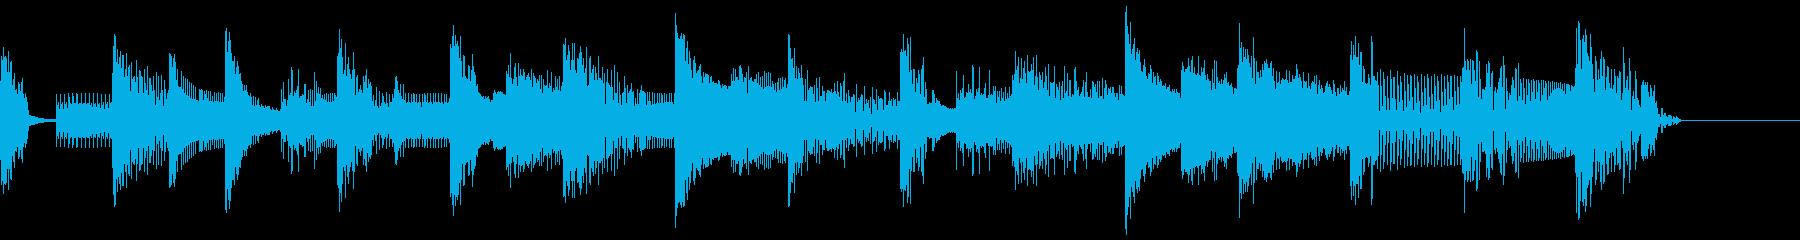 ピコピコゲーム音のジングルの再生済みの波形